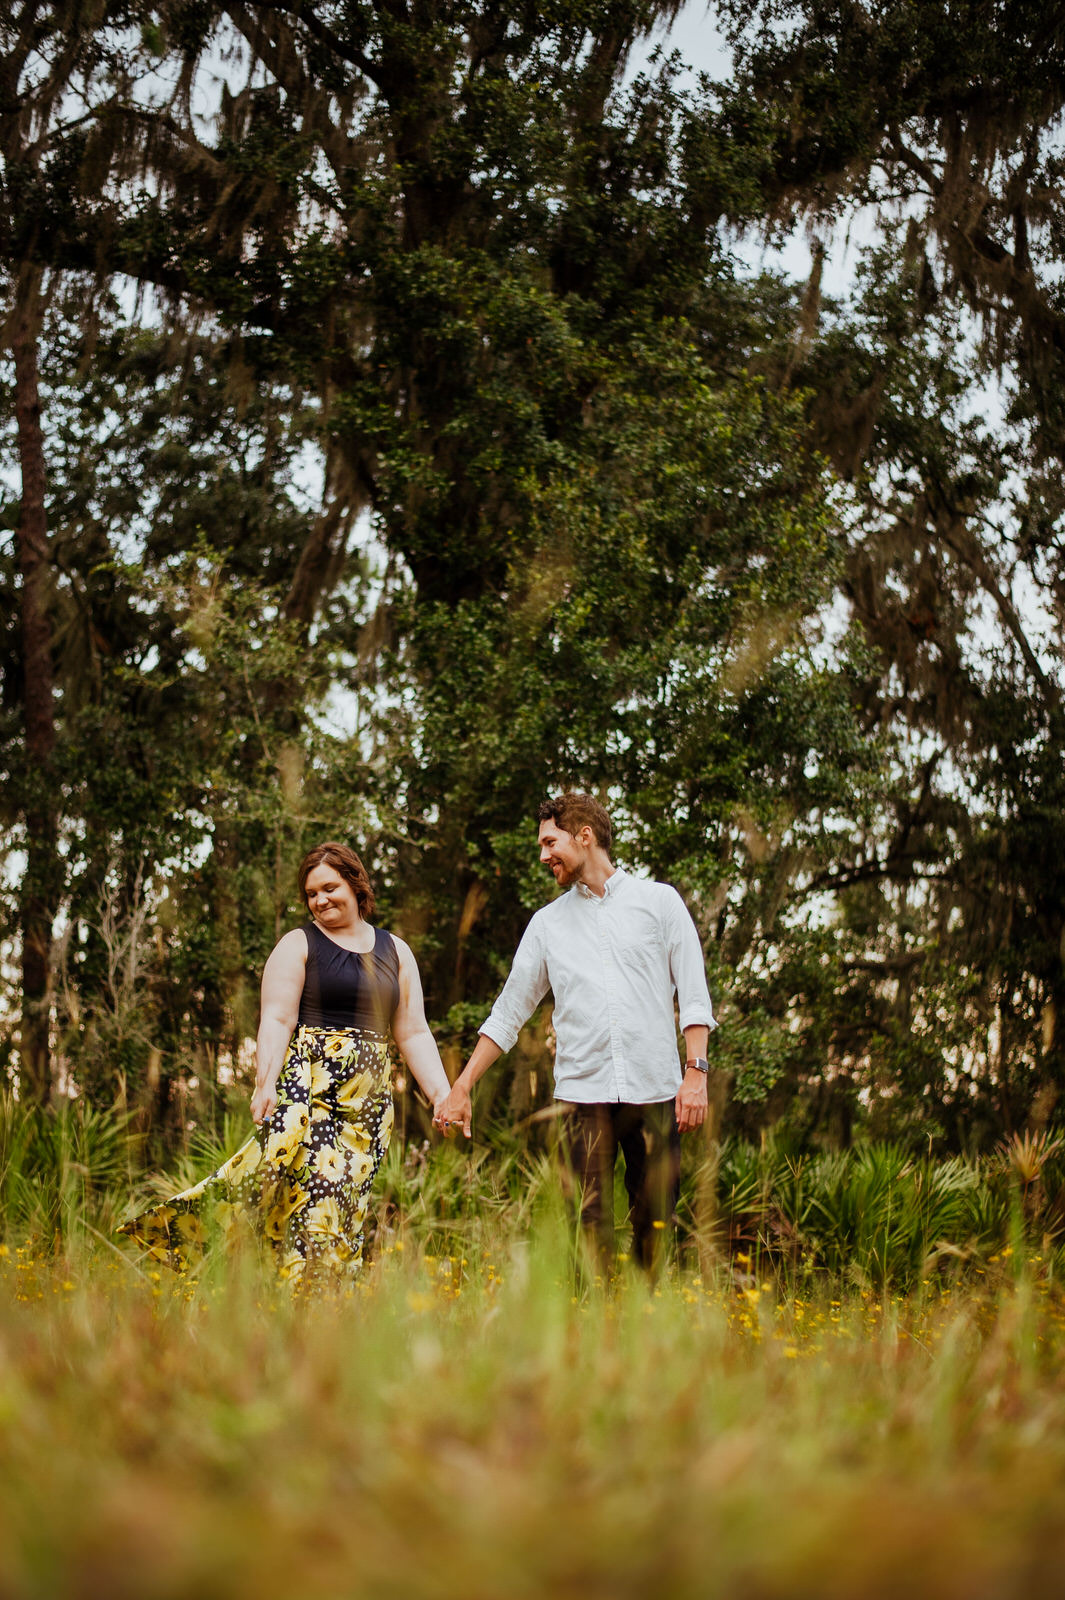 Amanda&Dylan'sEngagement43.jpg